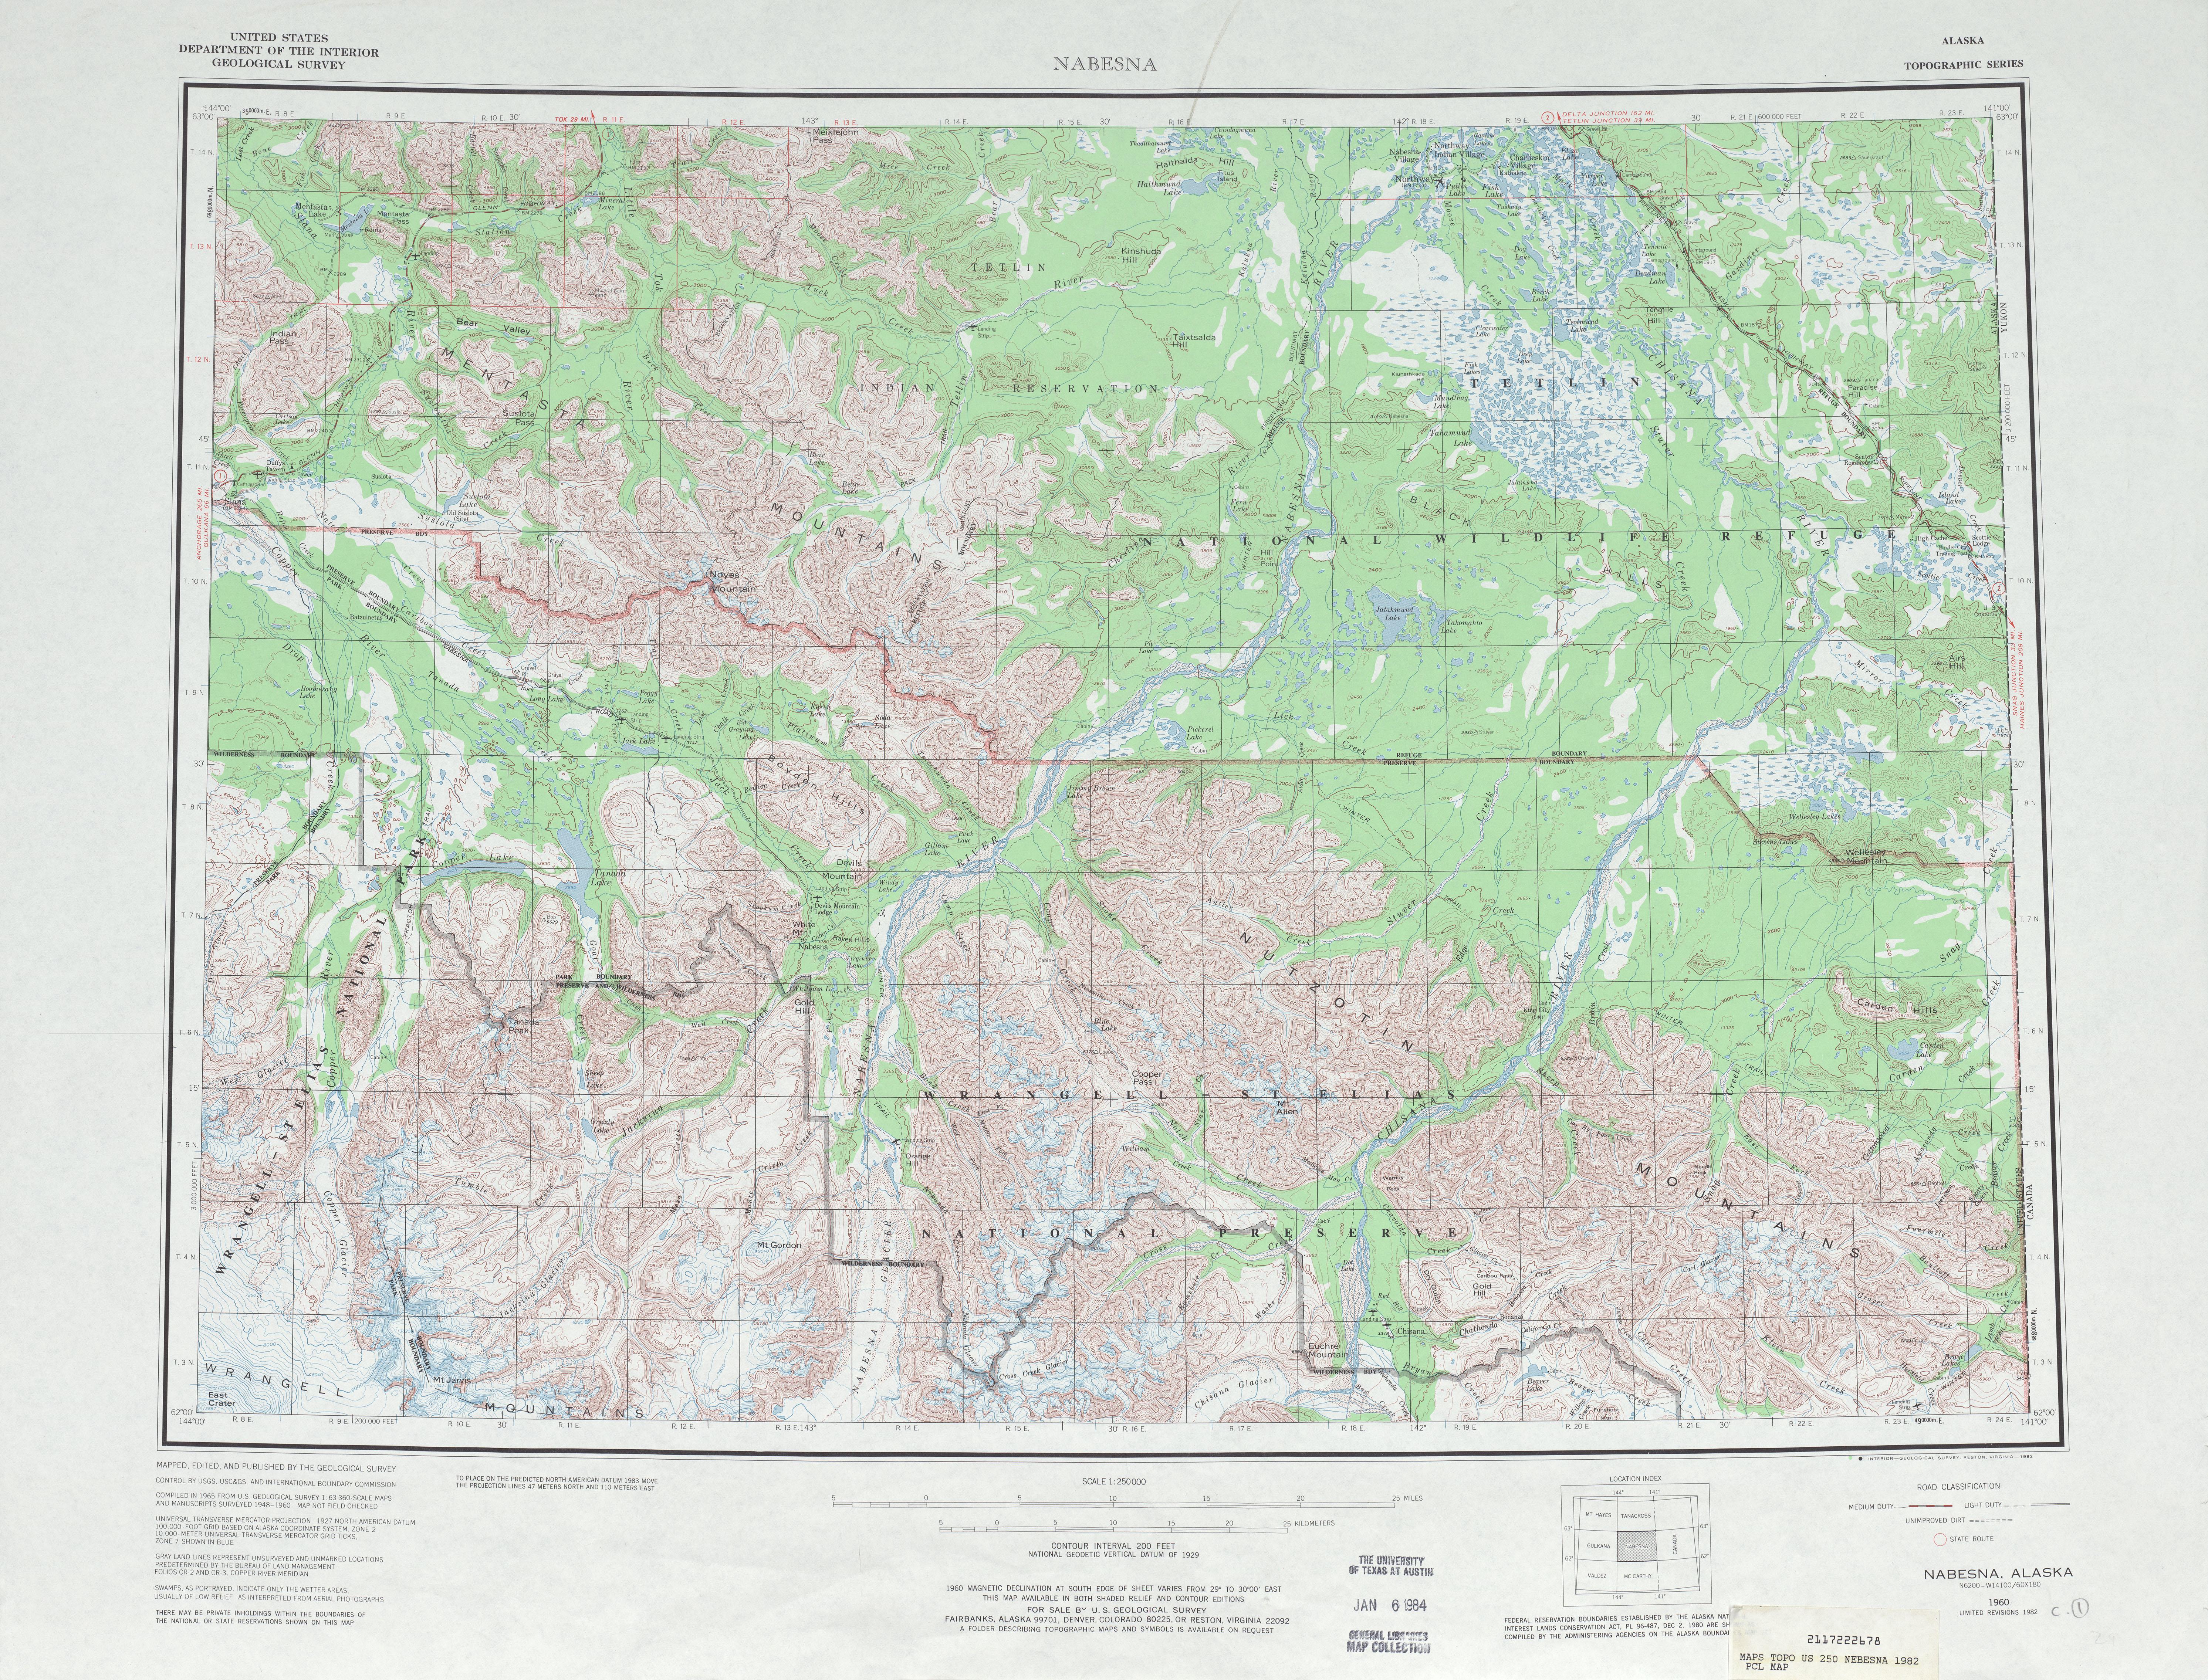 Nabesna Topographic Map Sheet, United States 1982